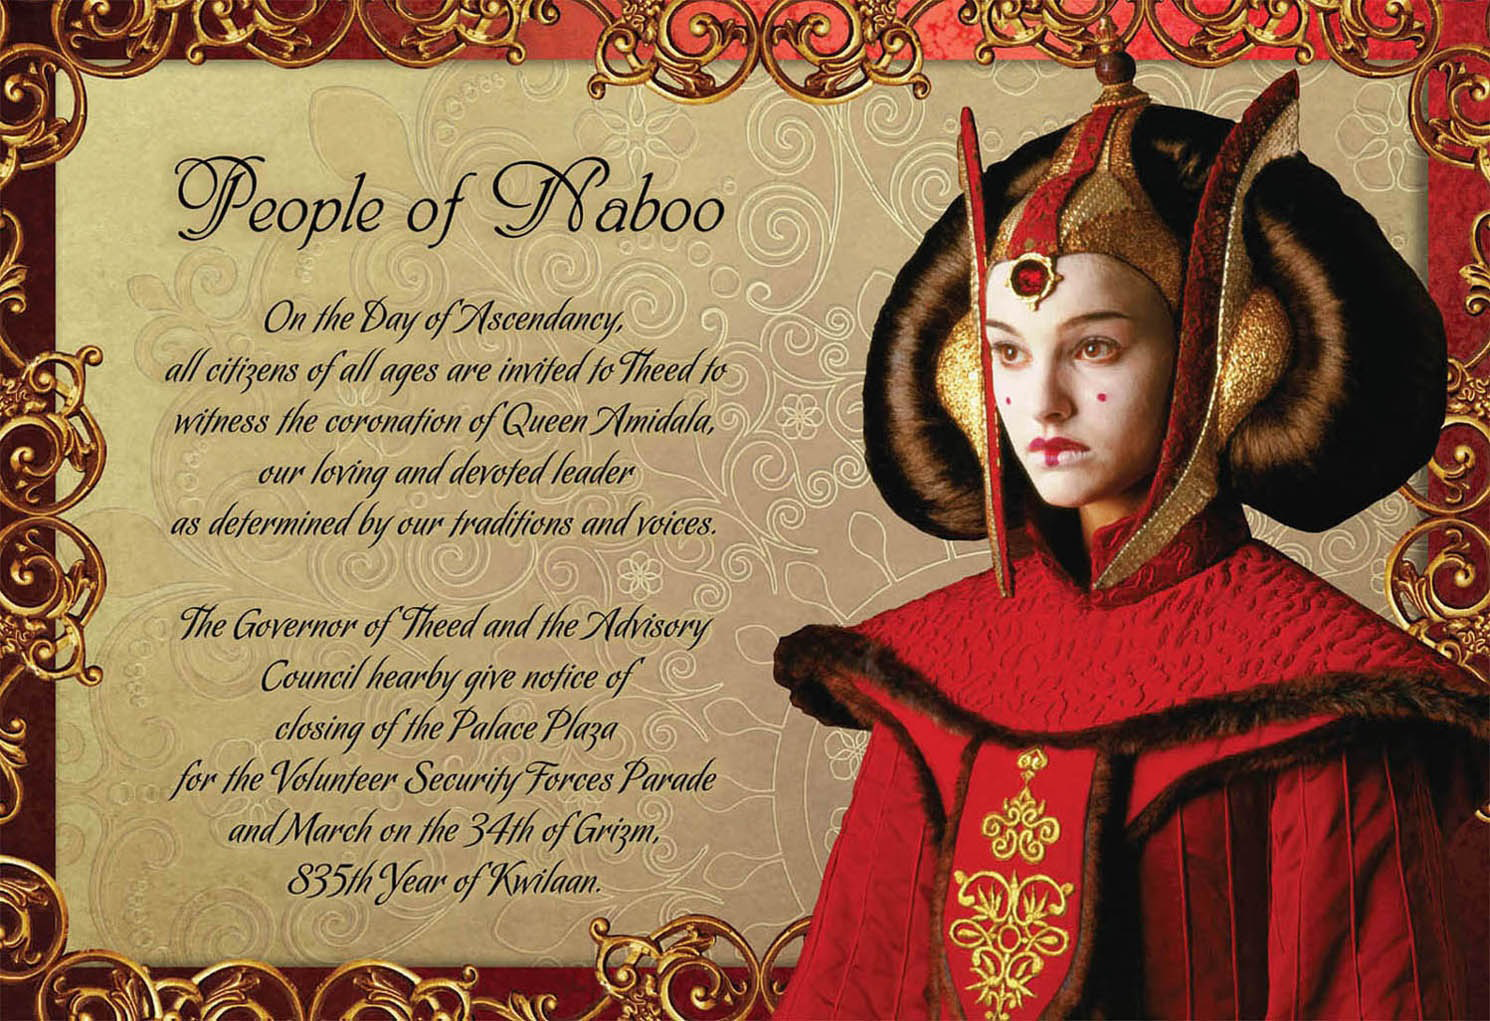 Naboo Coronation